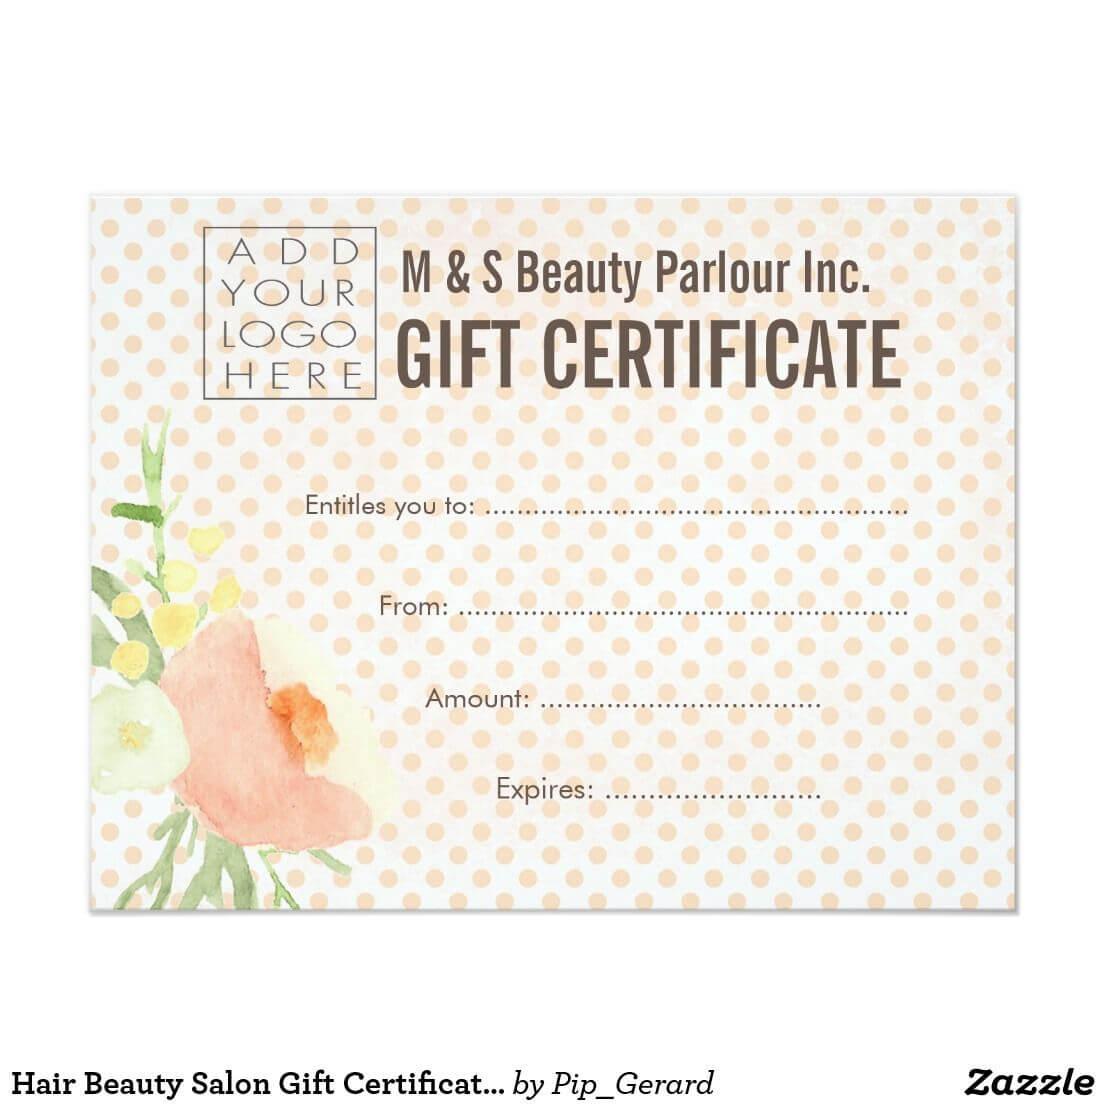 Hair Beauty Salon Gift Certificate Template | Zazzle Regarding Salon Gift Certificate Template